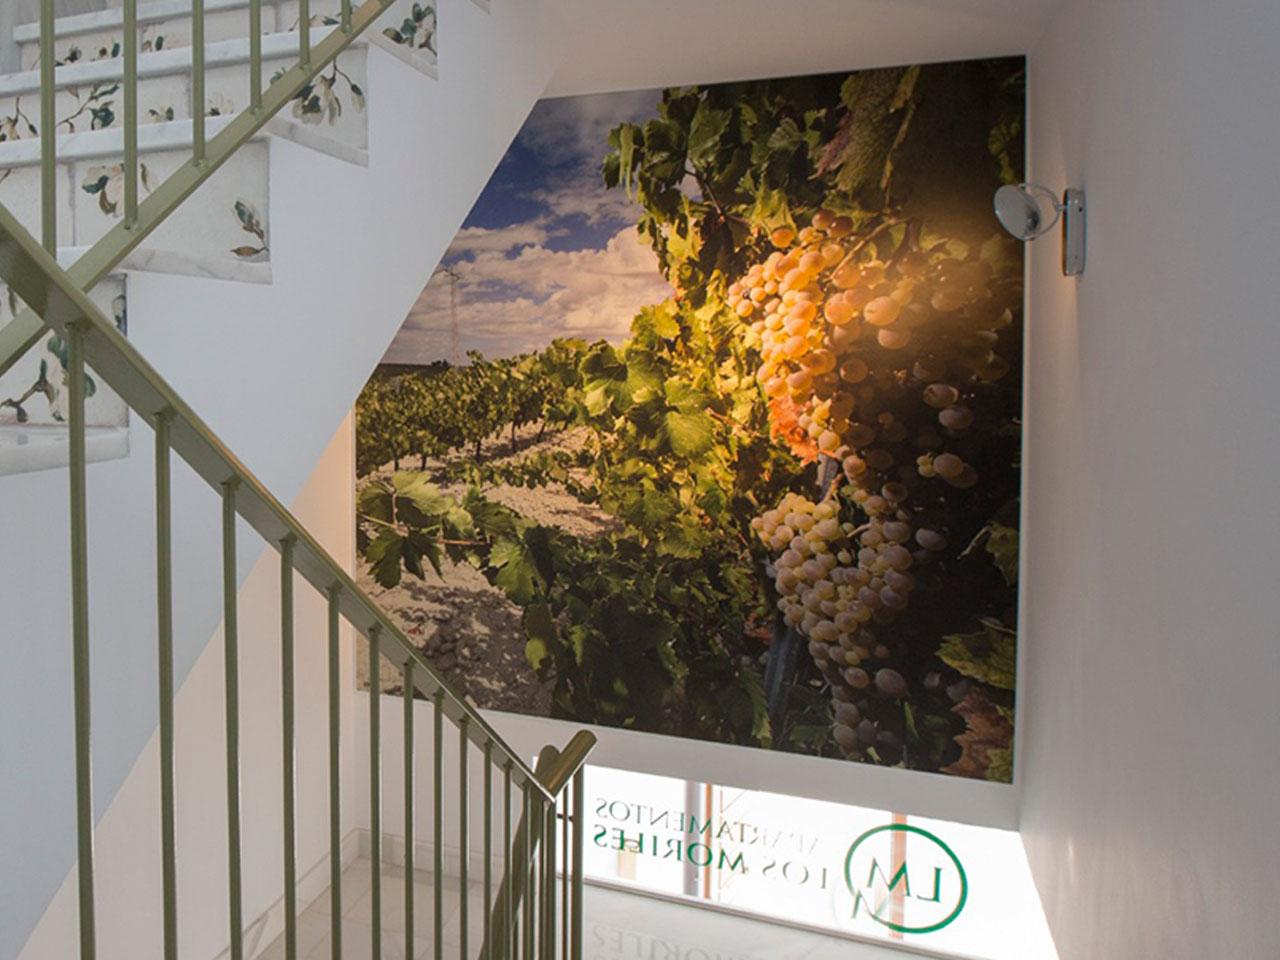 Foto en soporte rigido para subida de escaleras de Apartamentos Los Moriles.